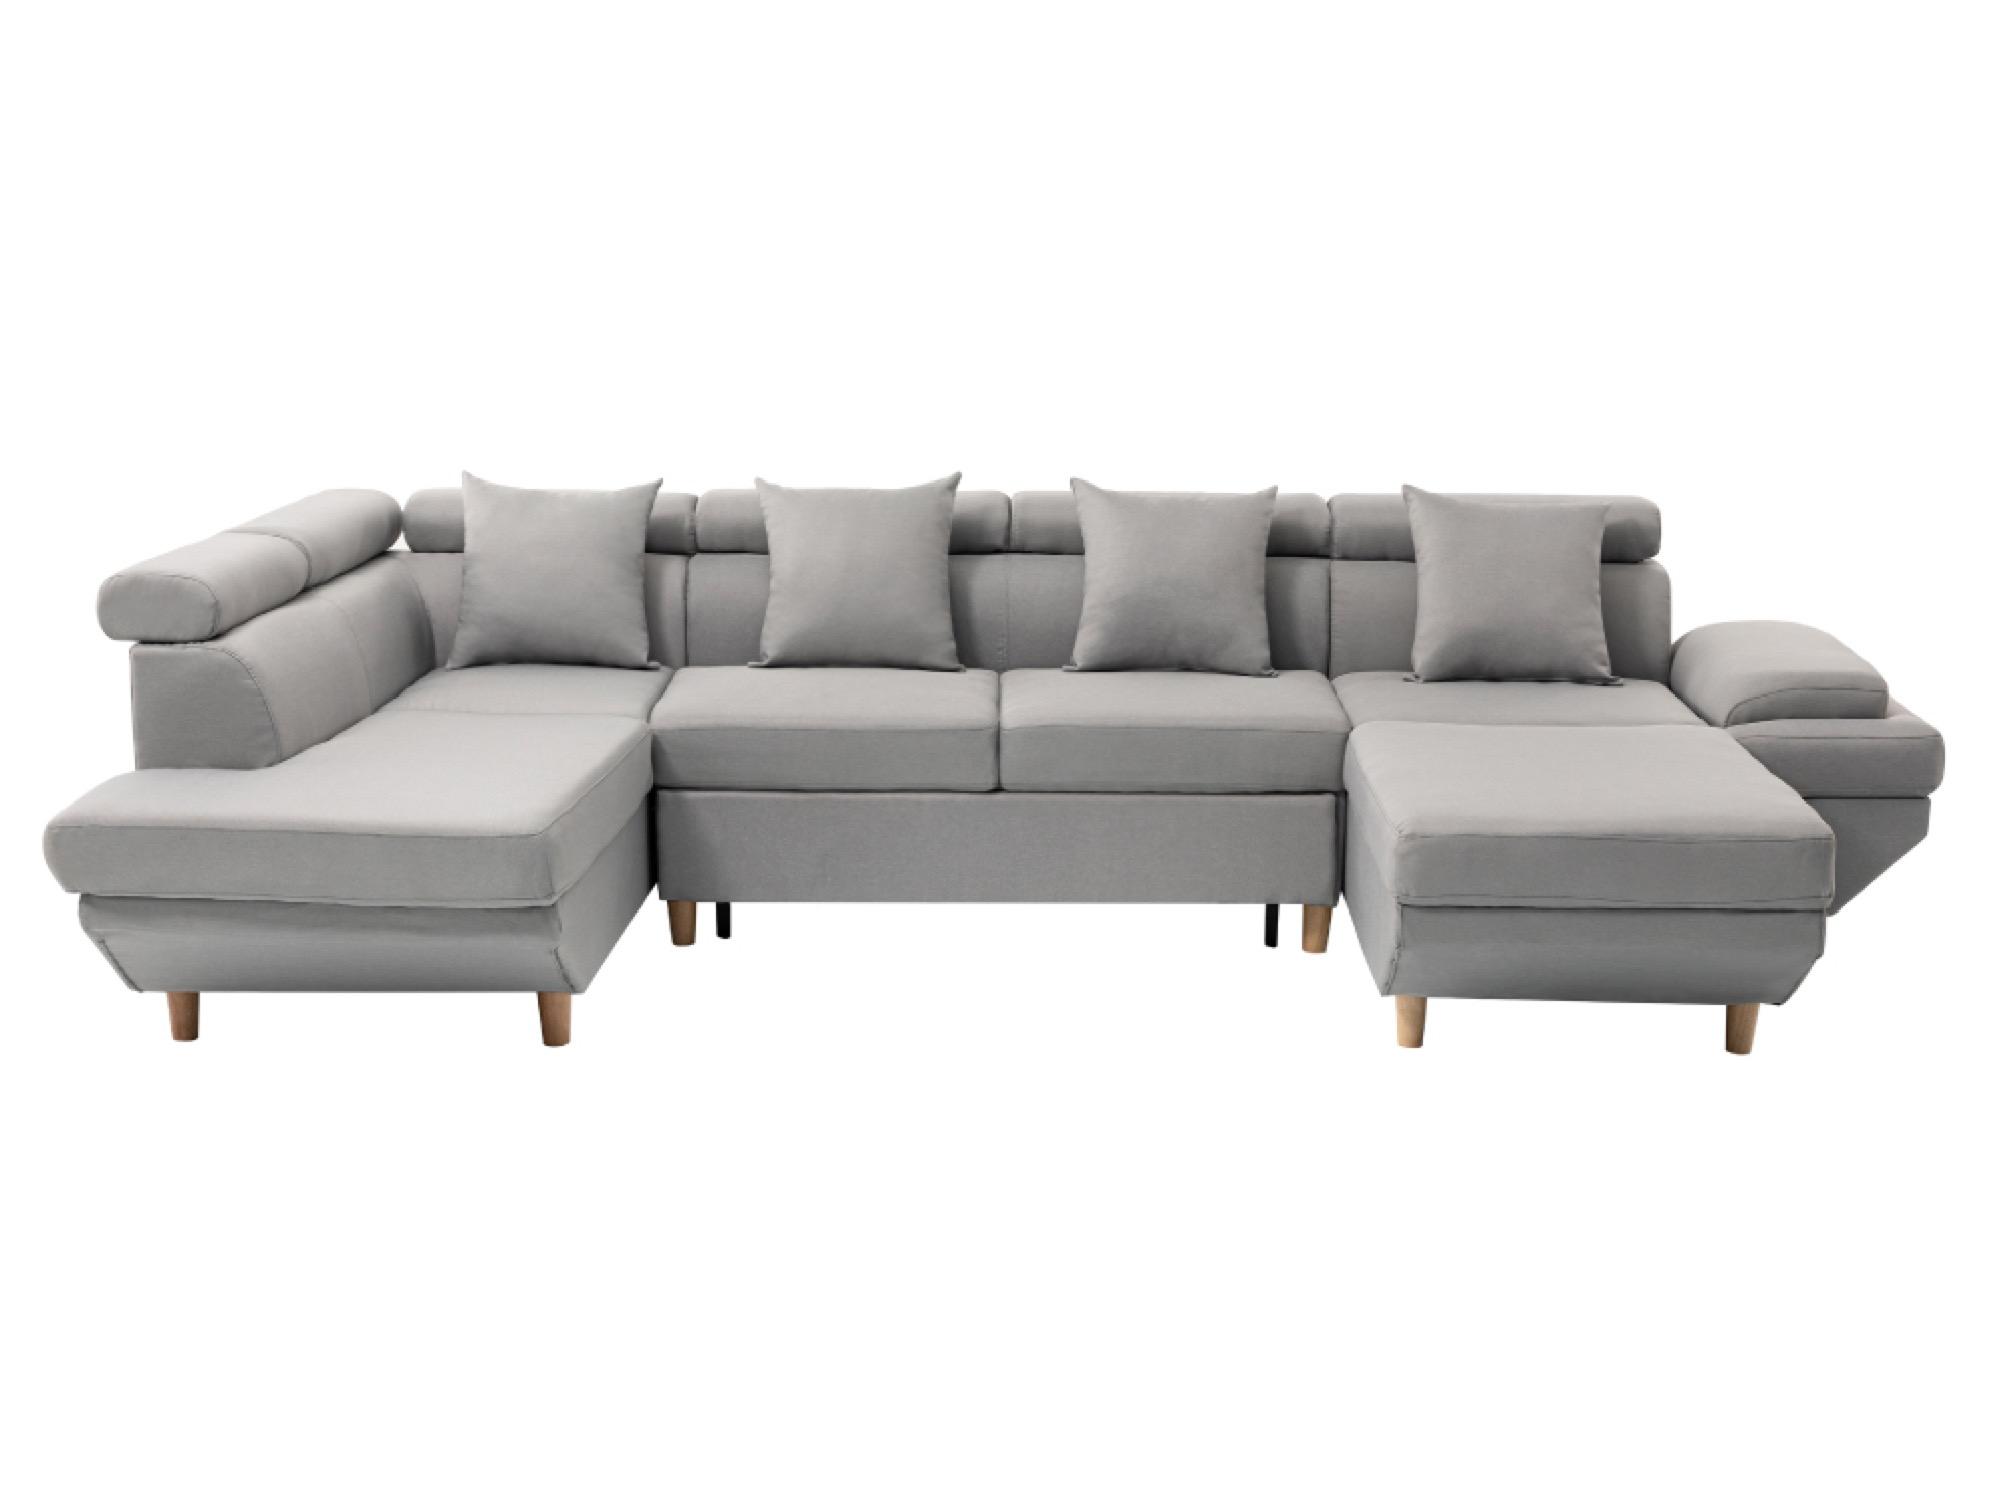 Canapé d'angle 6 places Gris Tissu Design Confort